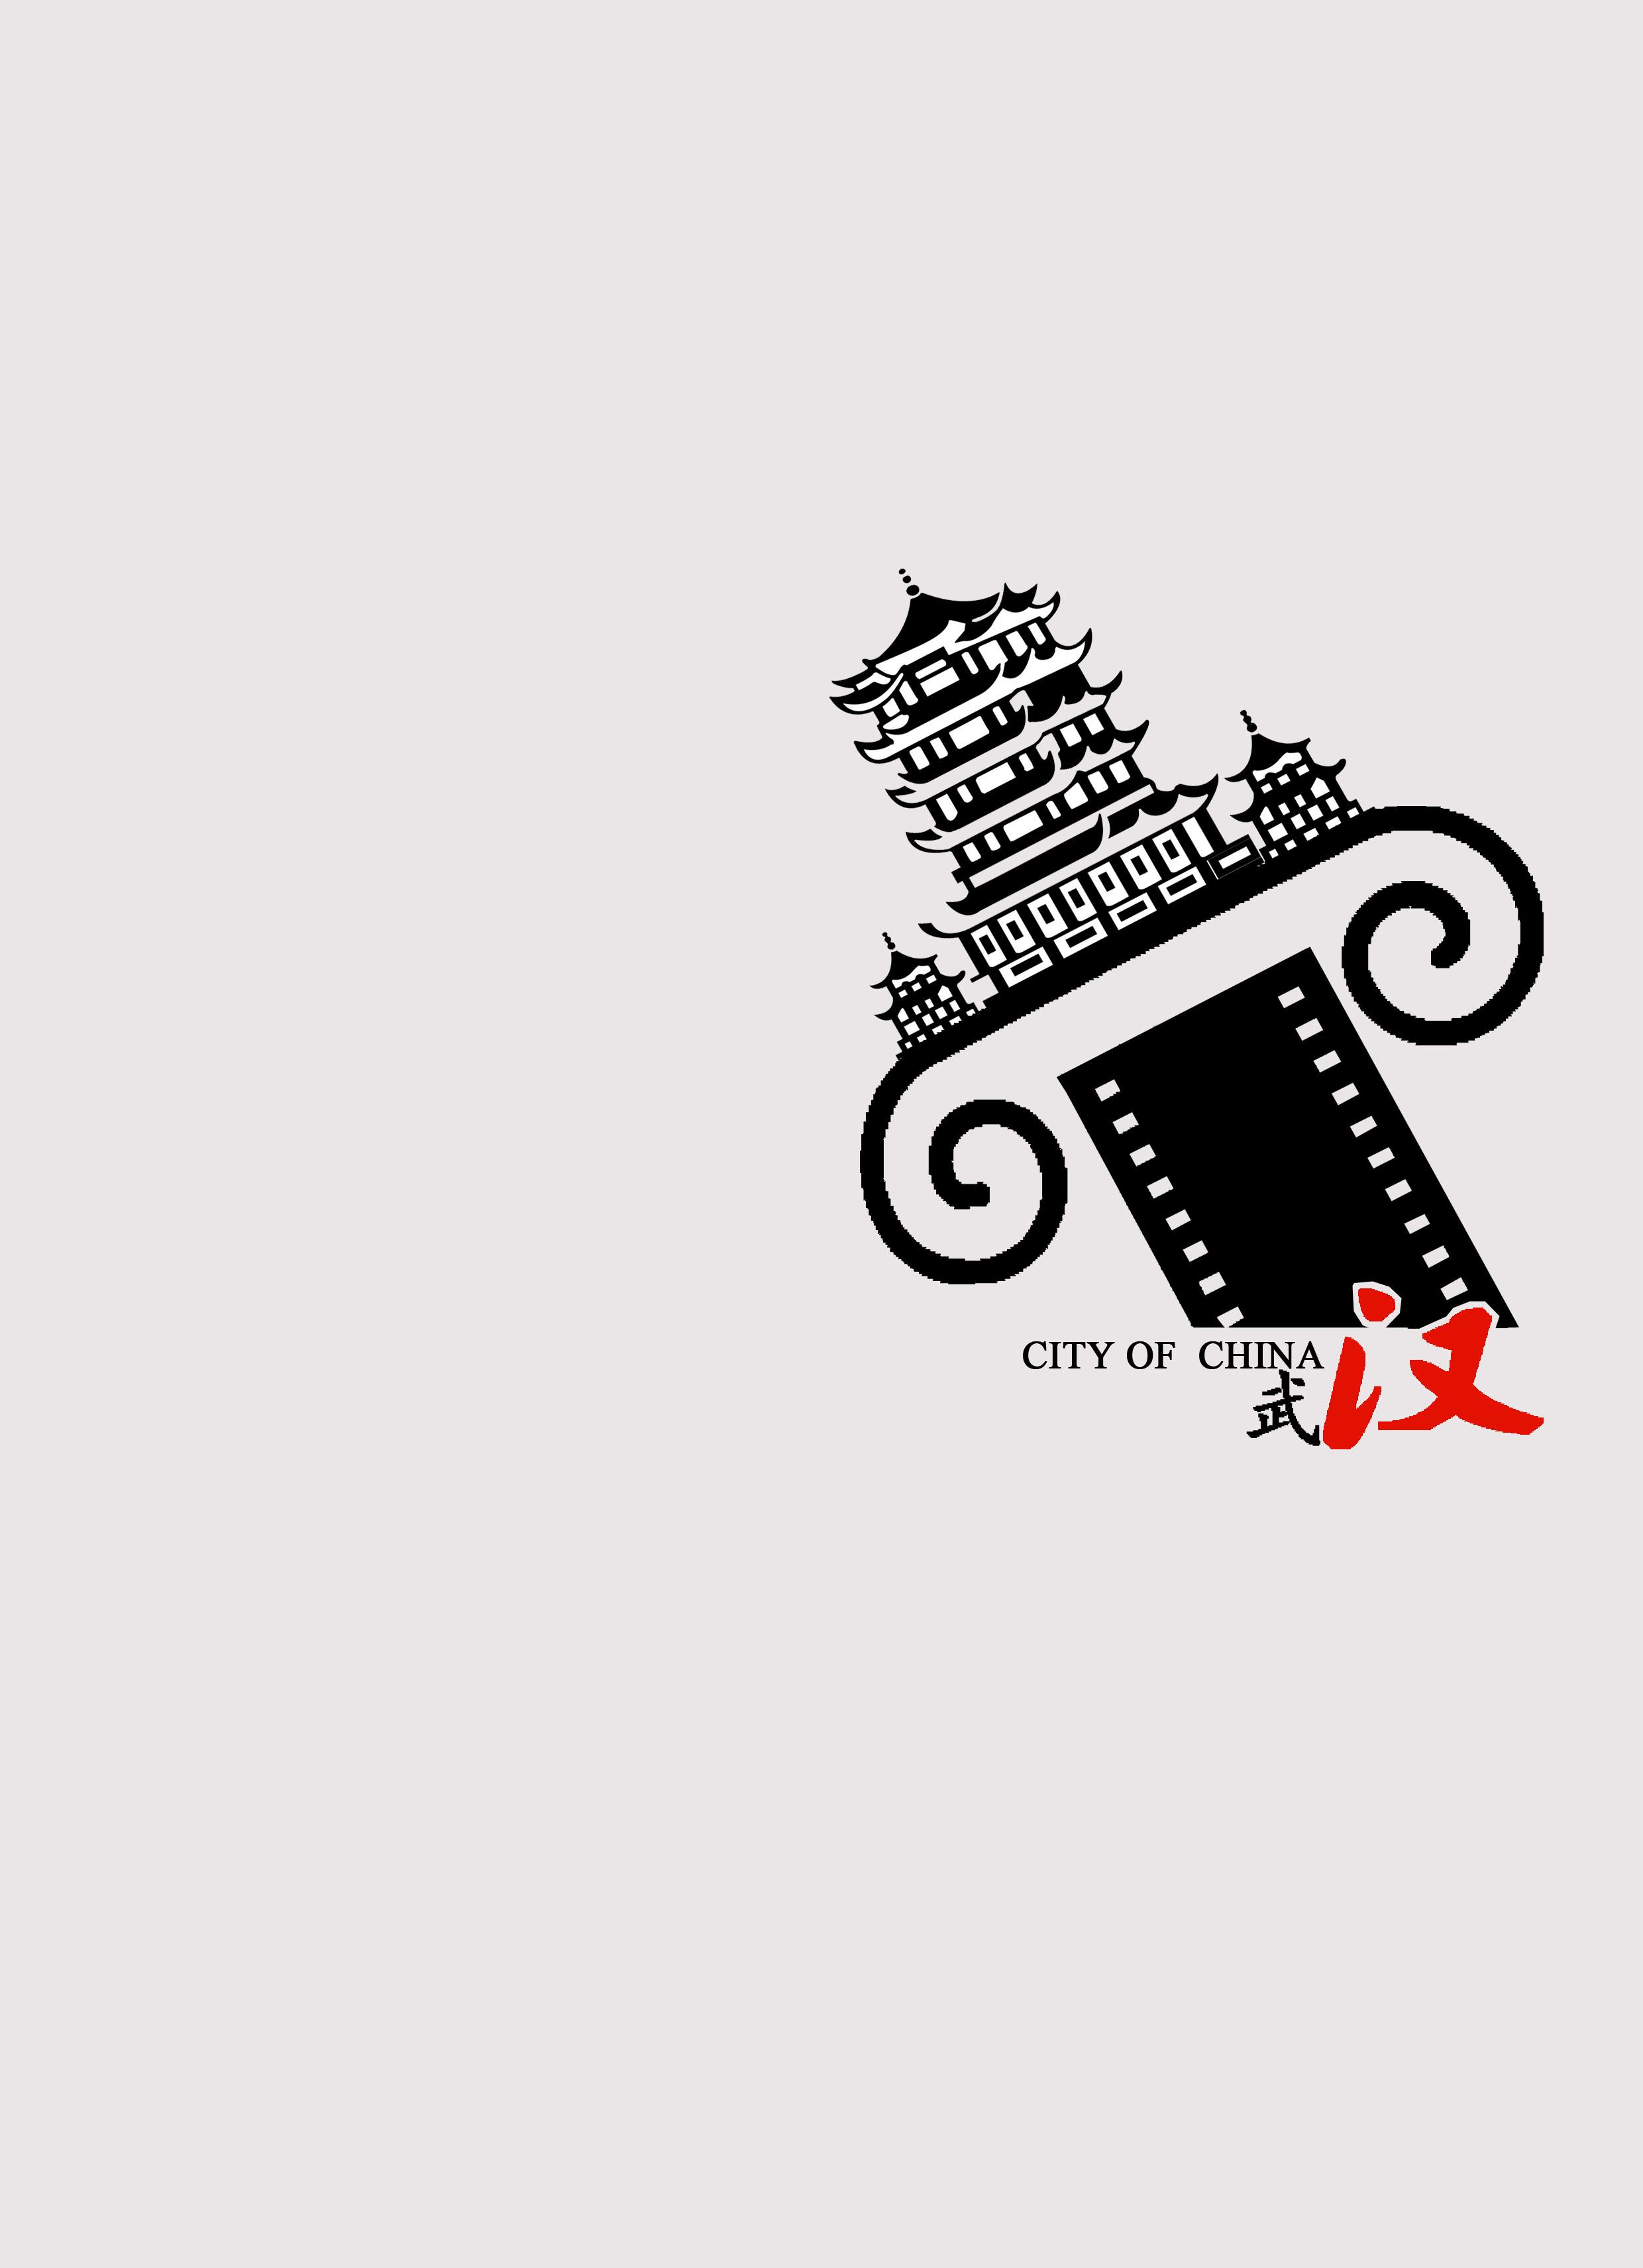 城市与武汉 主题招贴及图形创意 平面 海报 三水二末图片